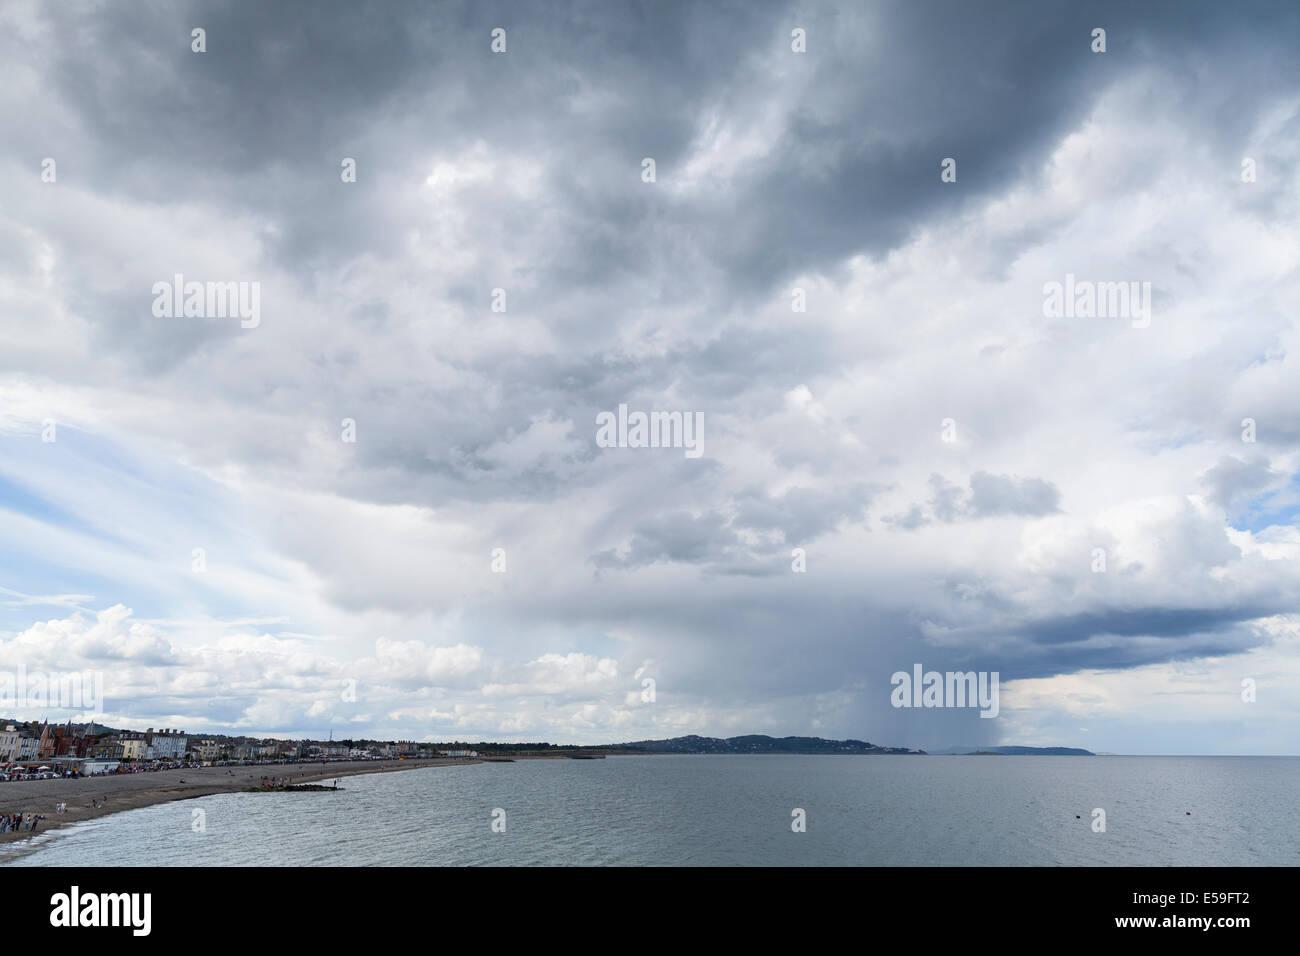 Las nubes de lluvia a lo largo de la costa oriental de Irlanda Visto desde Bray, Condado de Wicklow, Irlanda. Foto de stock